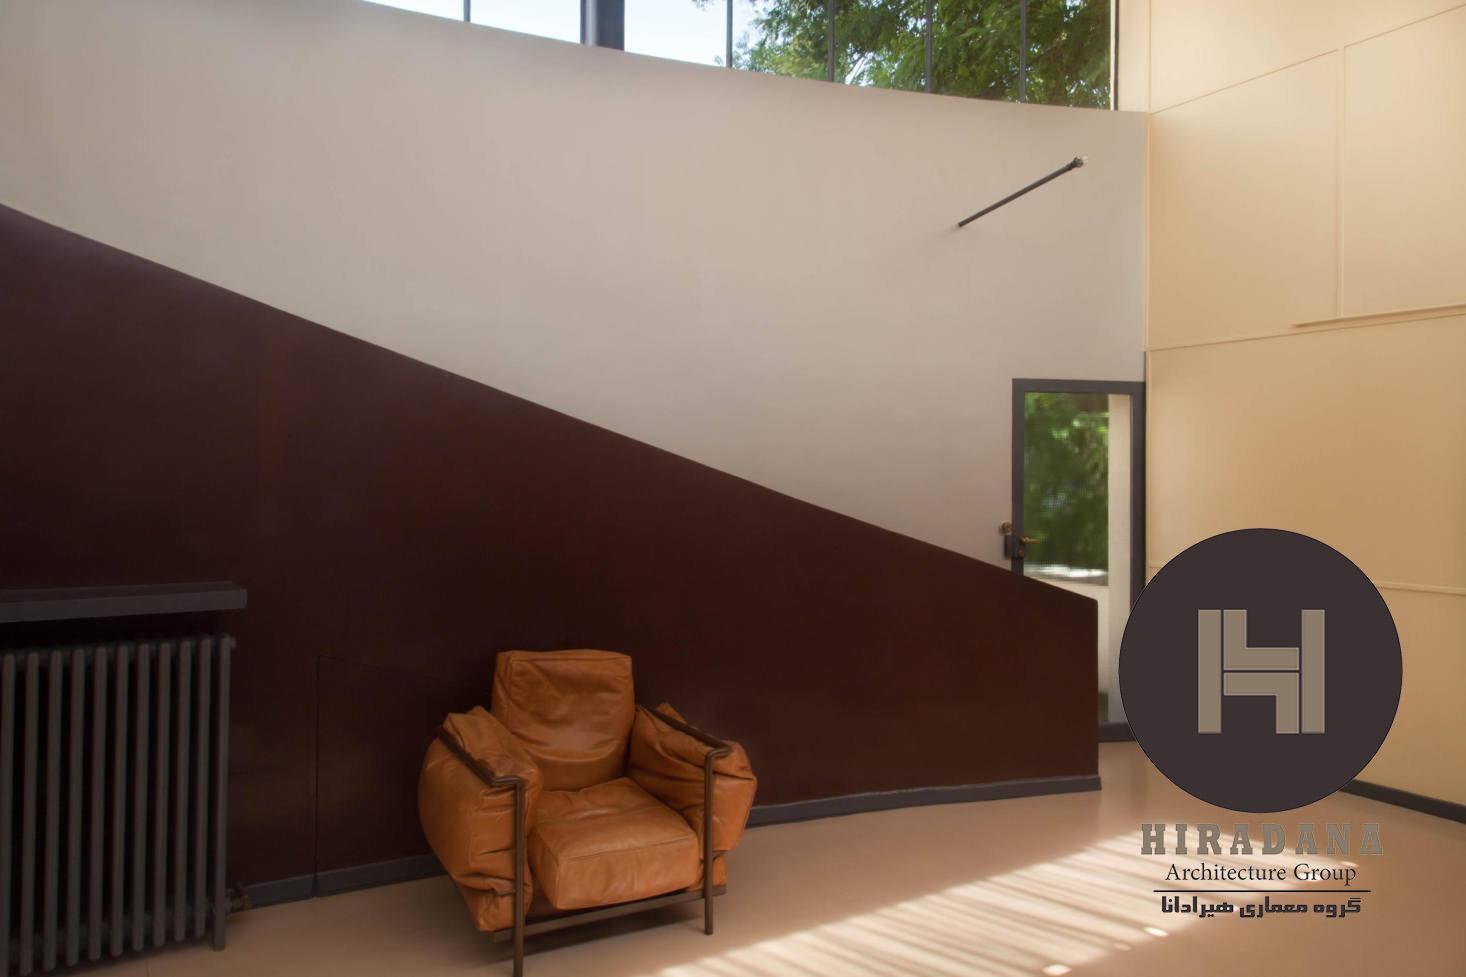 ۱۲ درس معماری مدرن از لوکوربوزیه